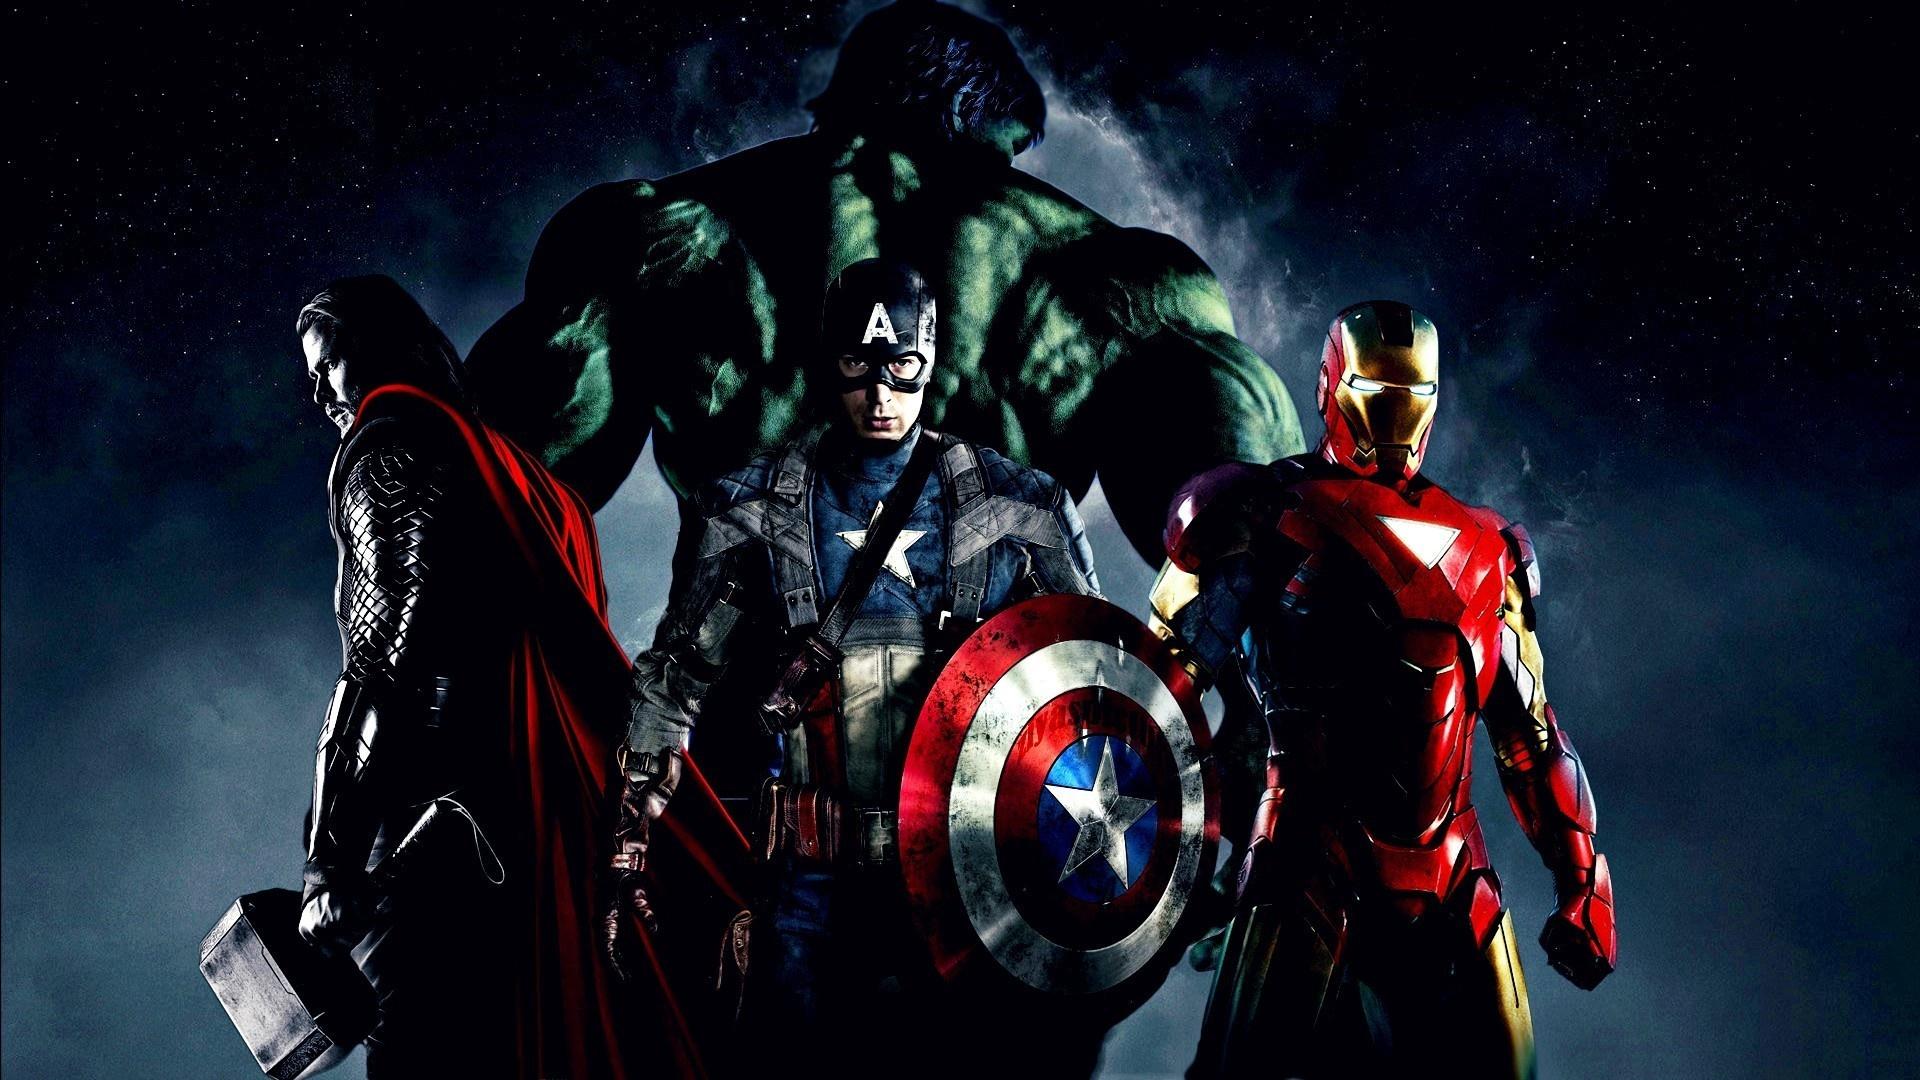 The avengers 2012 films fonds d'écran - 1920x1080